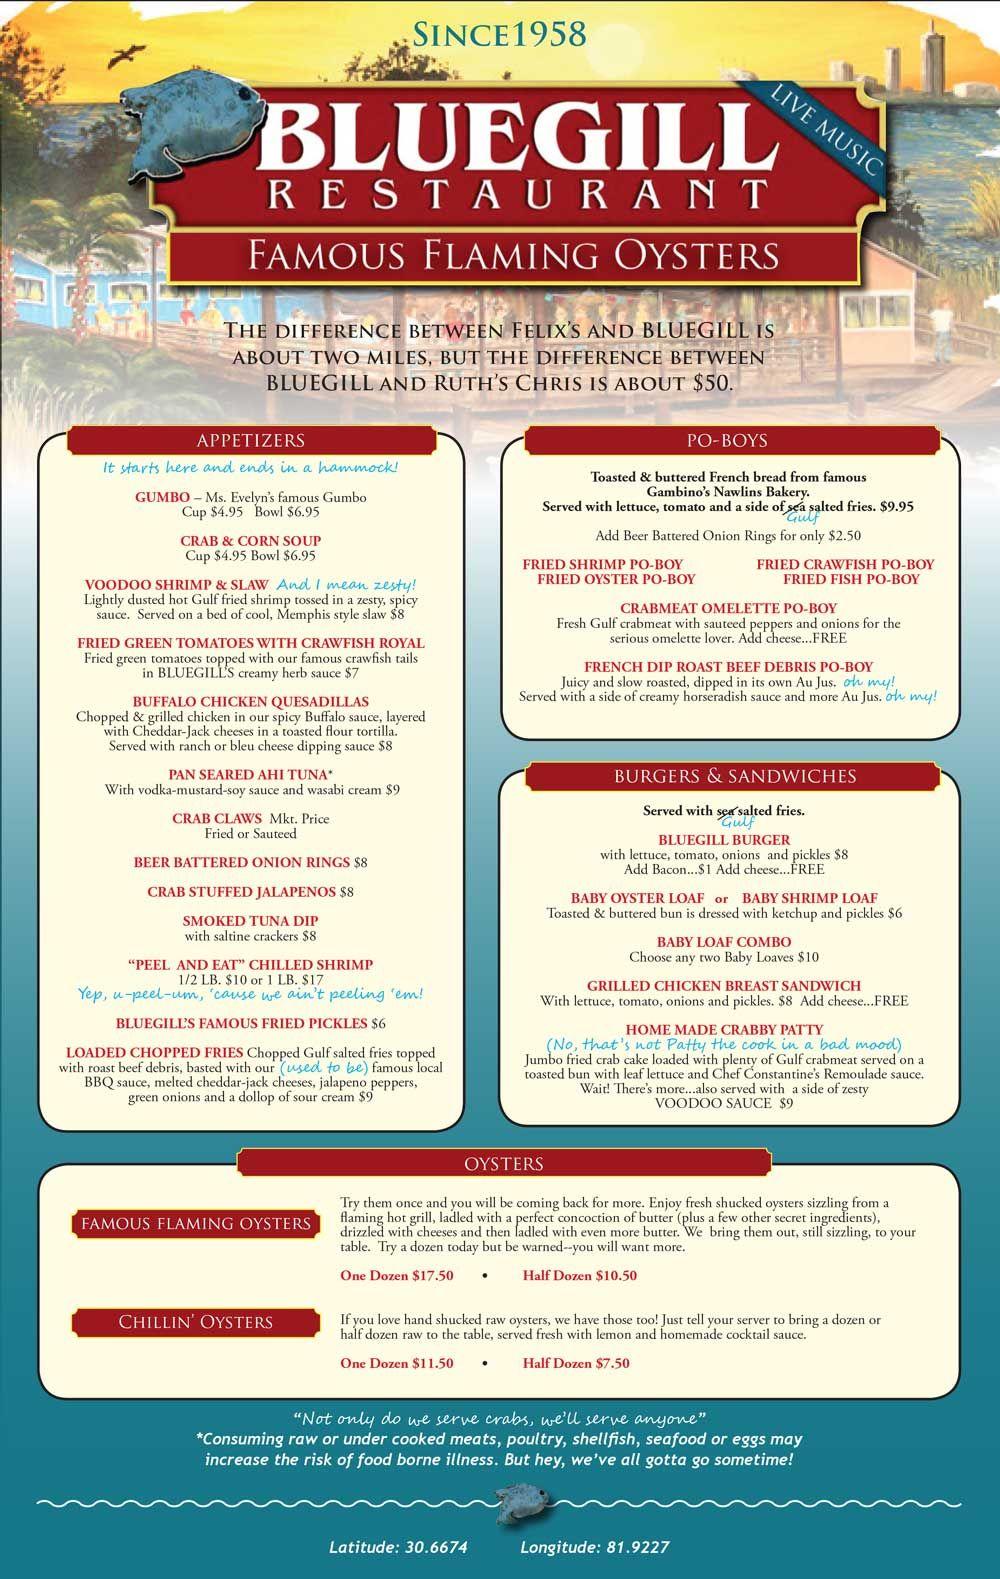 Bluegill Restaurant Mobile Al Restaurants In 2019